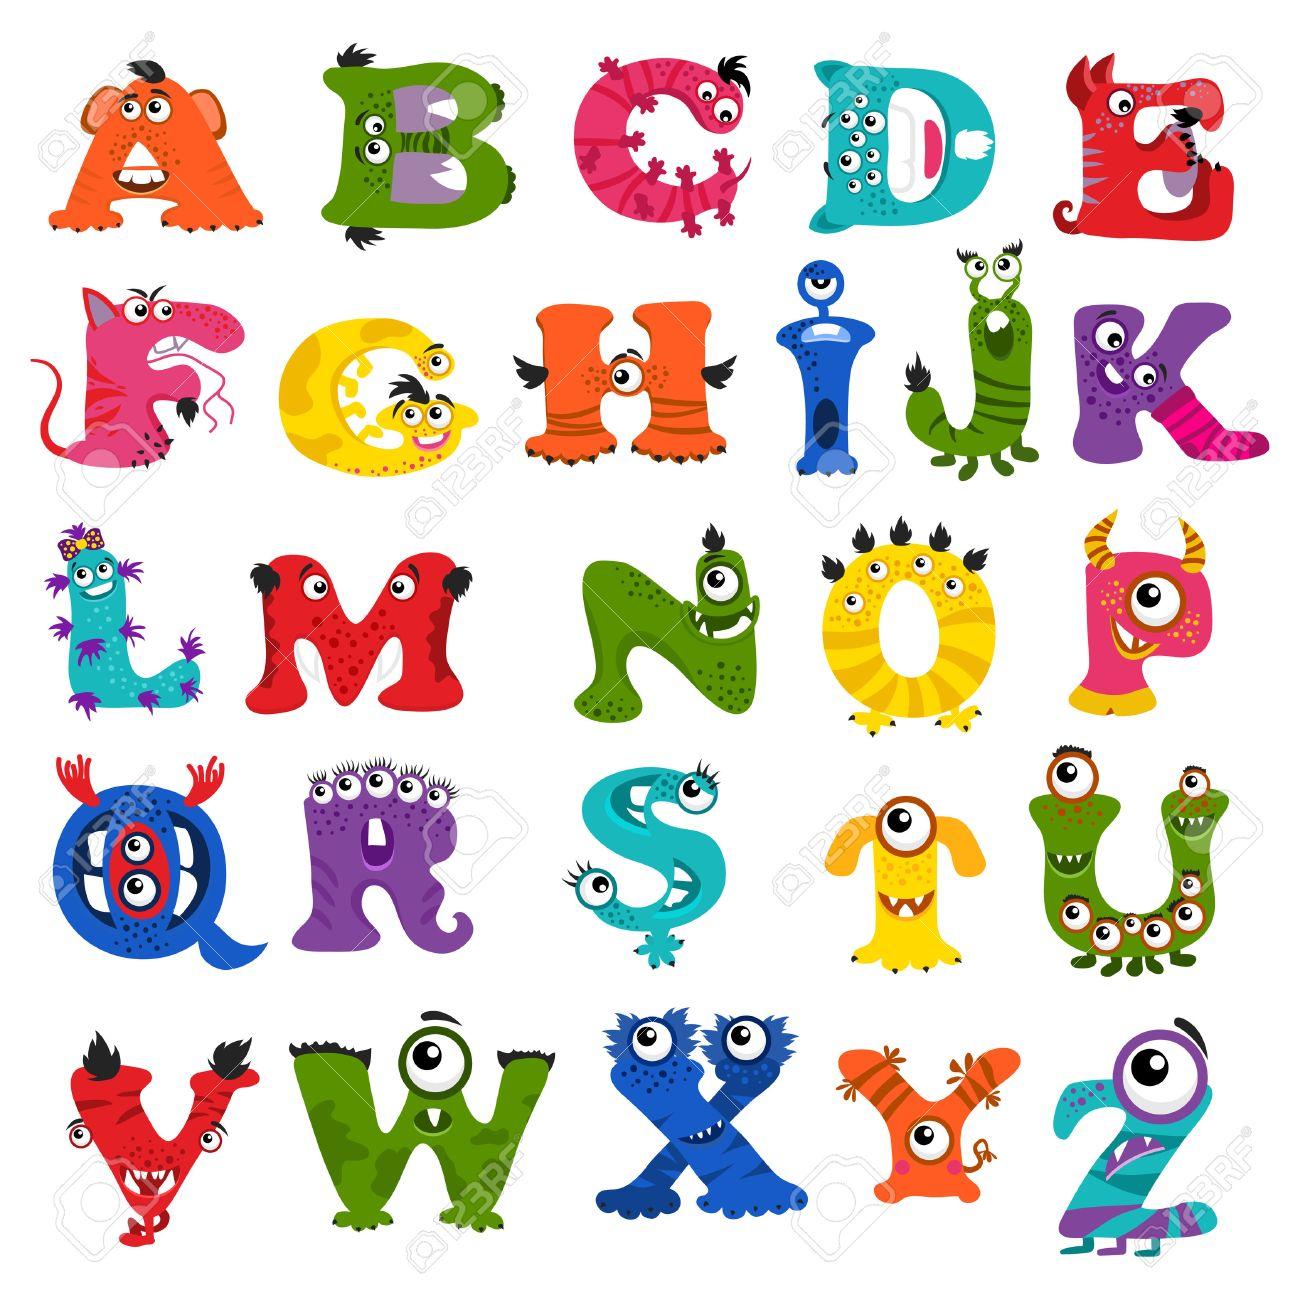 子供のためのおかしいベクトル モンスター アルファベット手紙の文字と